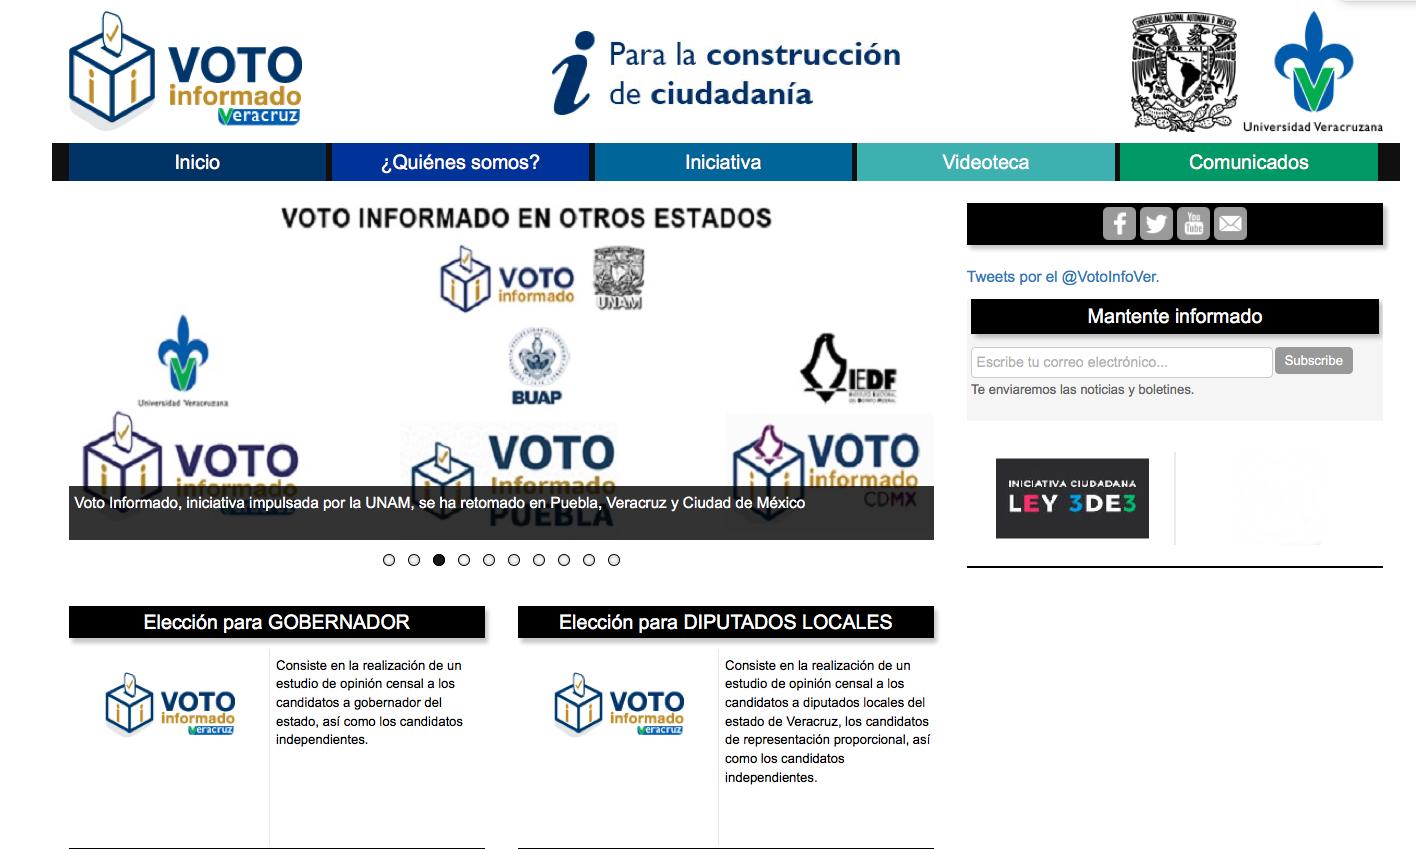 Voto Informado Veracruz promovió la cultura democrática